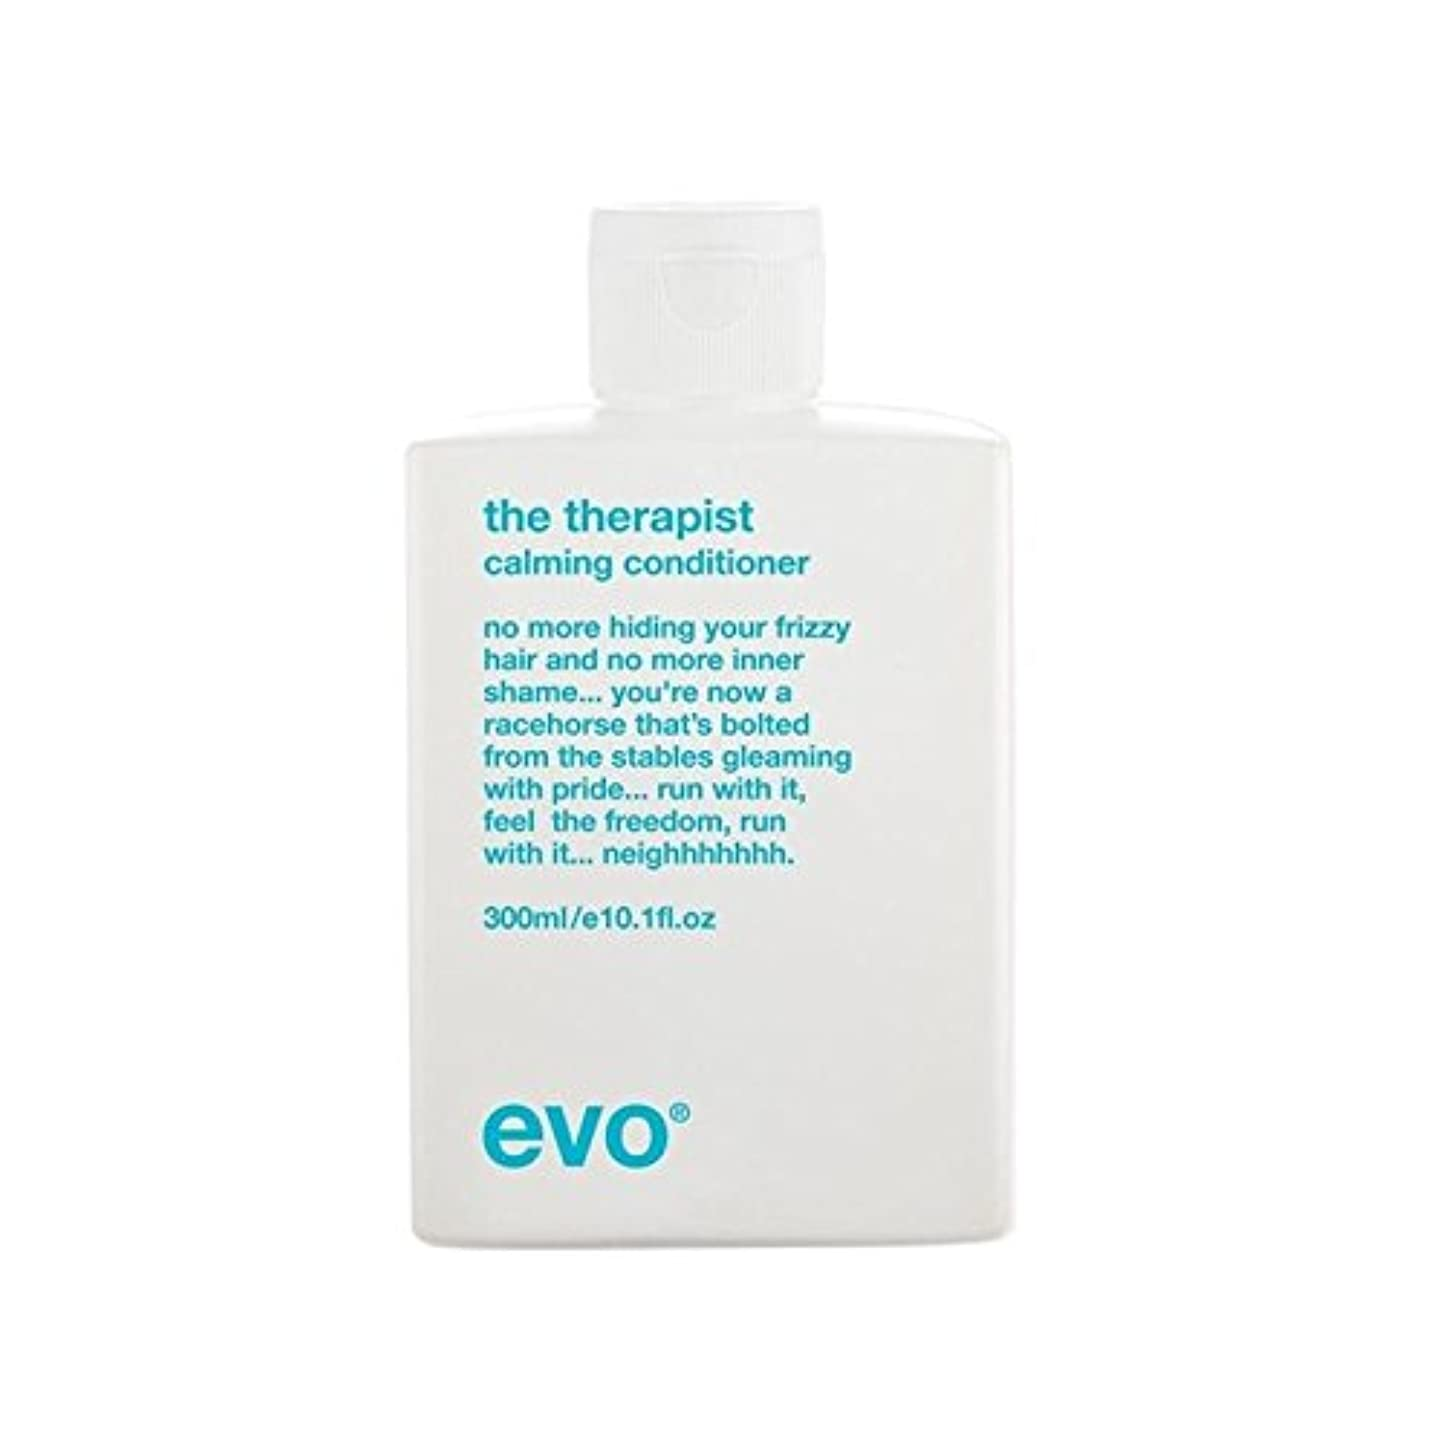 地図調べる強制的セラピスト沈静コンディショナー(300ミリリットル) x4 - Evo The Therapist Calming Conditioner (300ml) (Pack of 4) [並行輸入品]